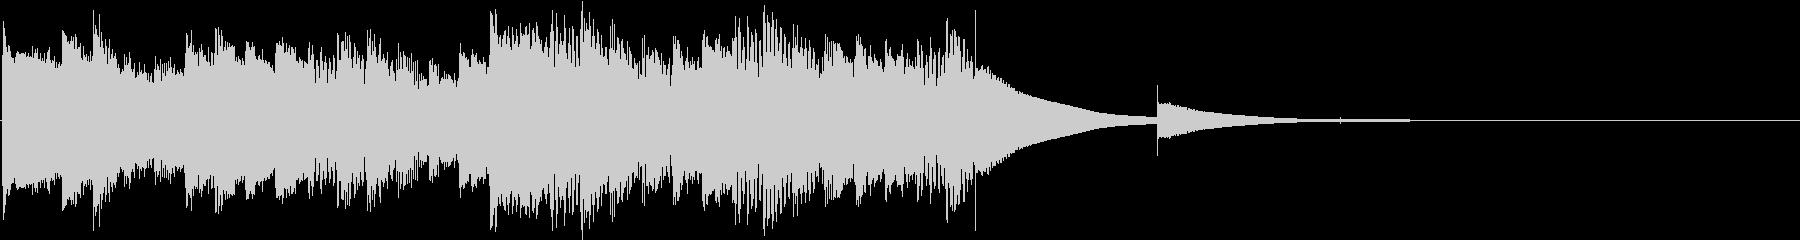 鉄琴 グロッケンの未再生の波形